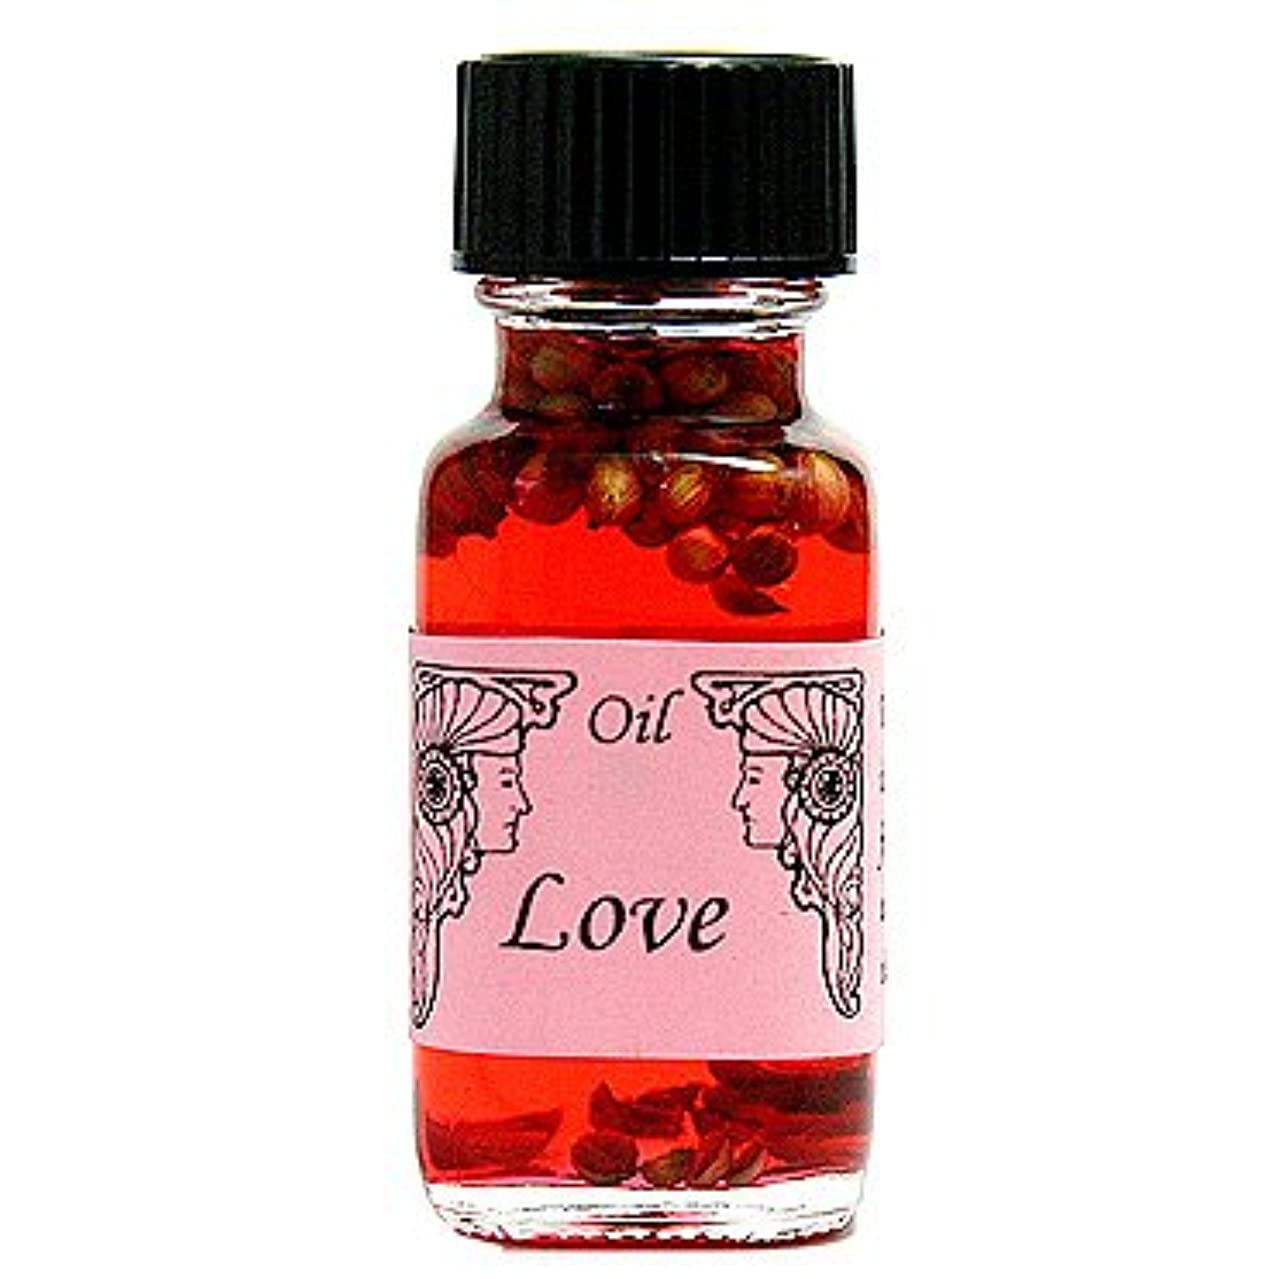 関係ない見える斧アンシェントメモリーオイル ラブ LOVE 15ml (Ancient Memory Oils)